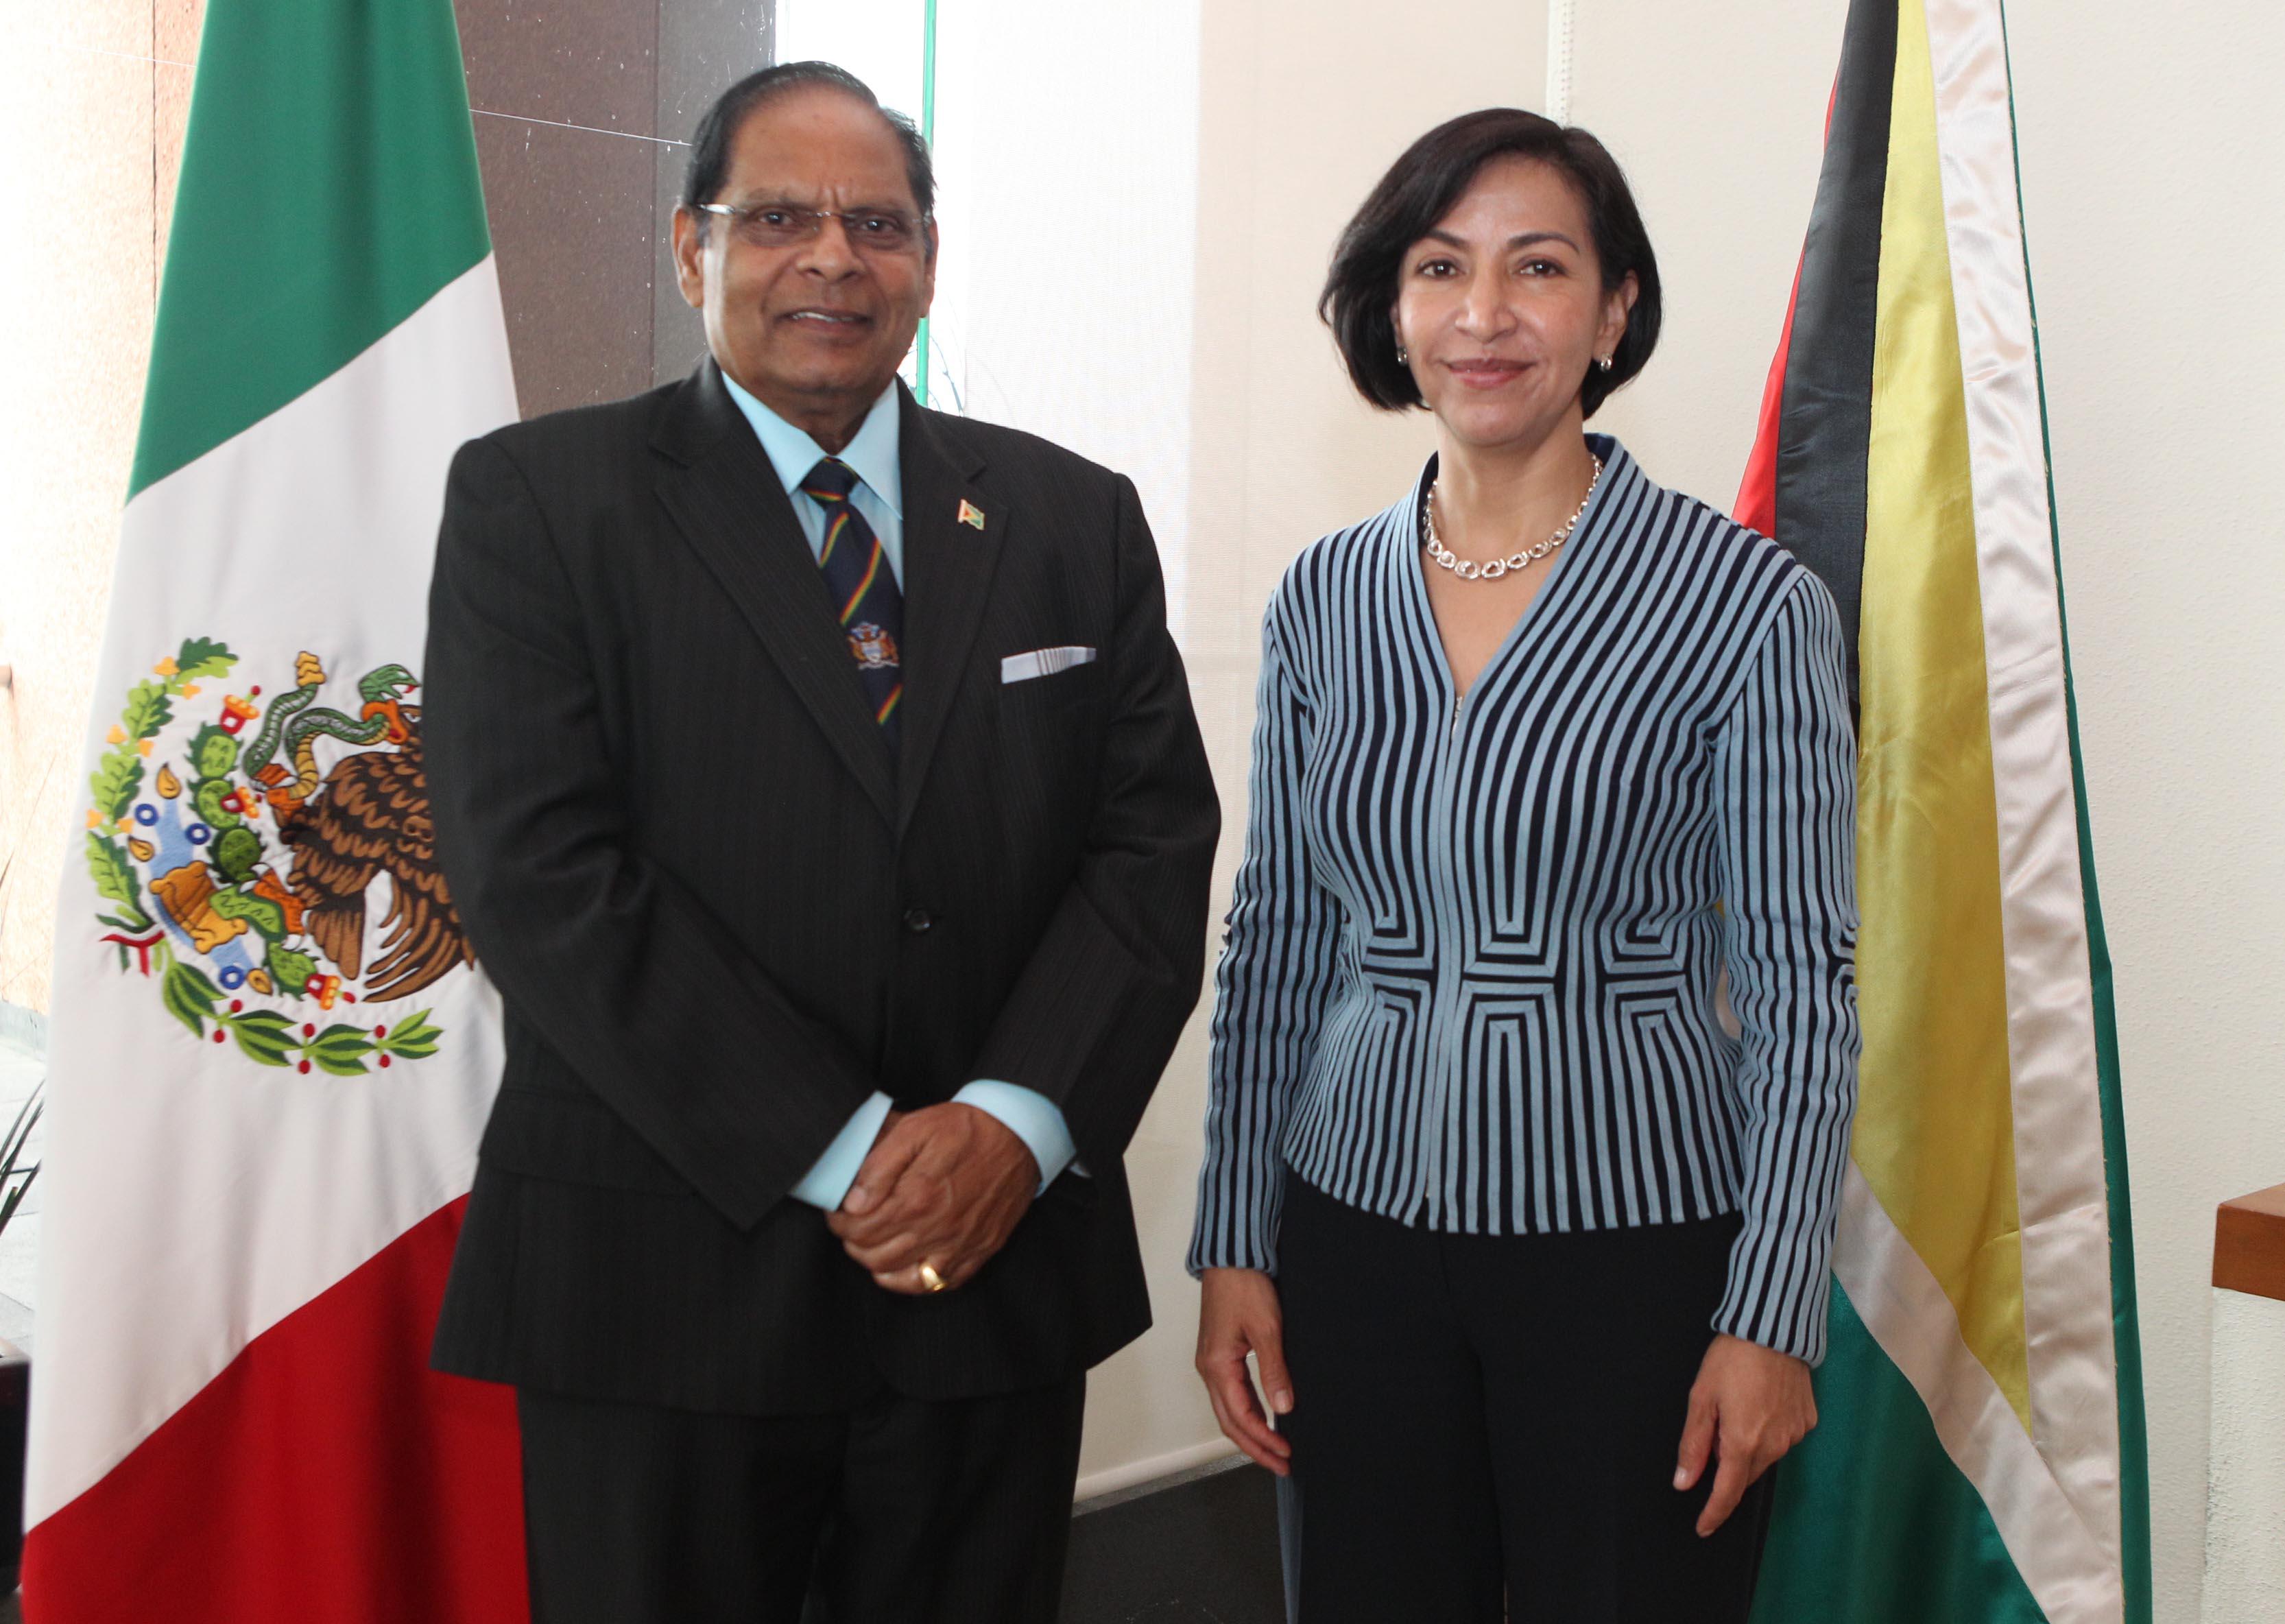 FOTO Subsecretaria Socorro Flores Liera con el Primer Ministro de la Rep blica Cooperativa de Guyana  Moses Nagamootoo.jpg